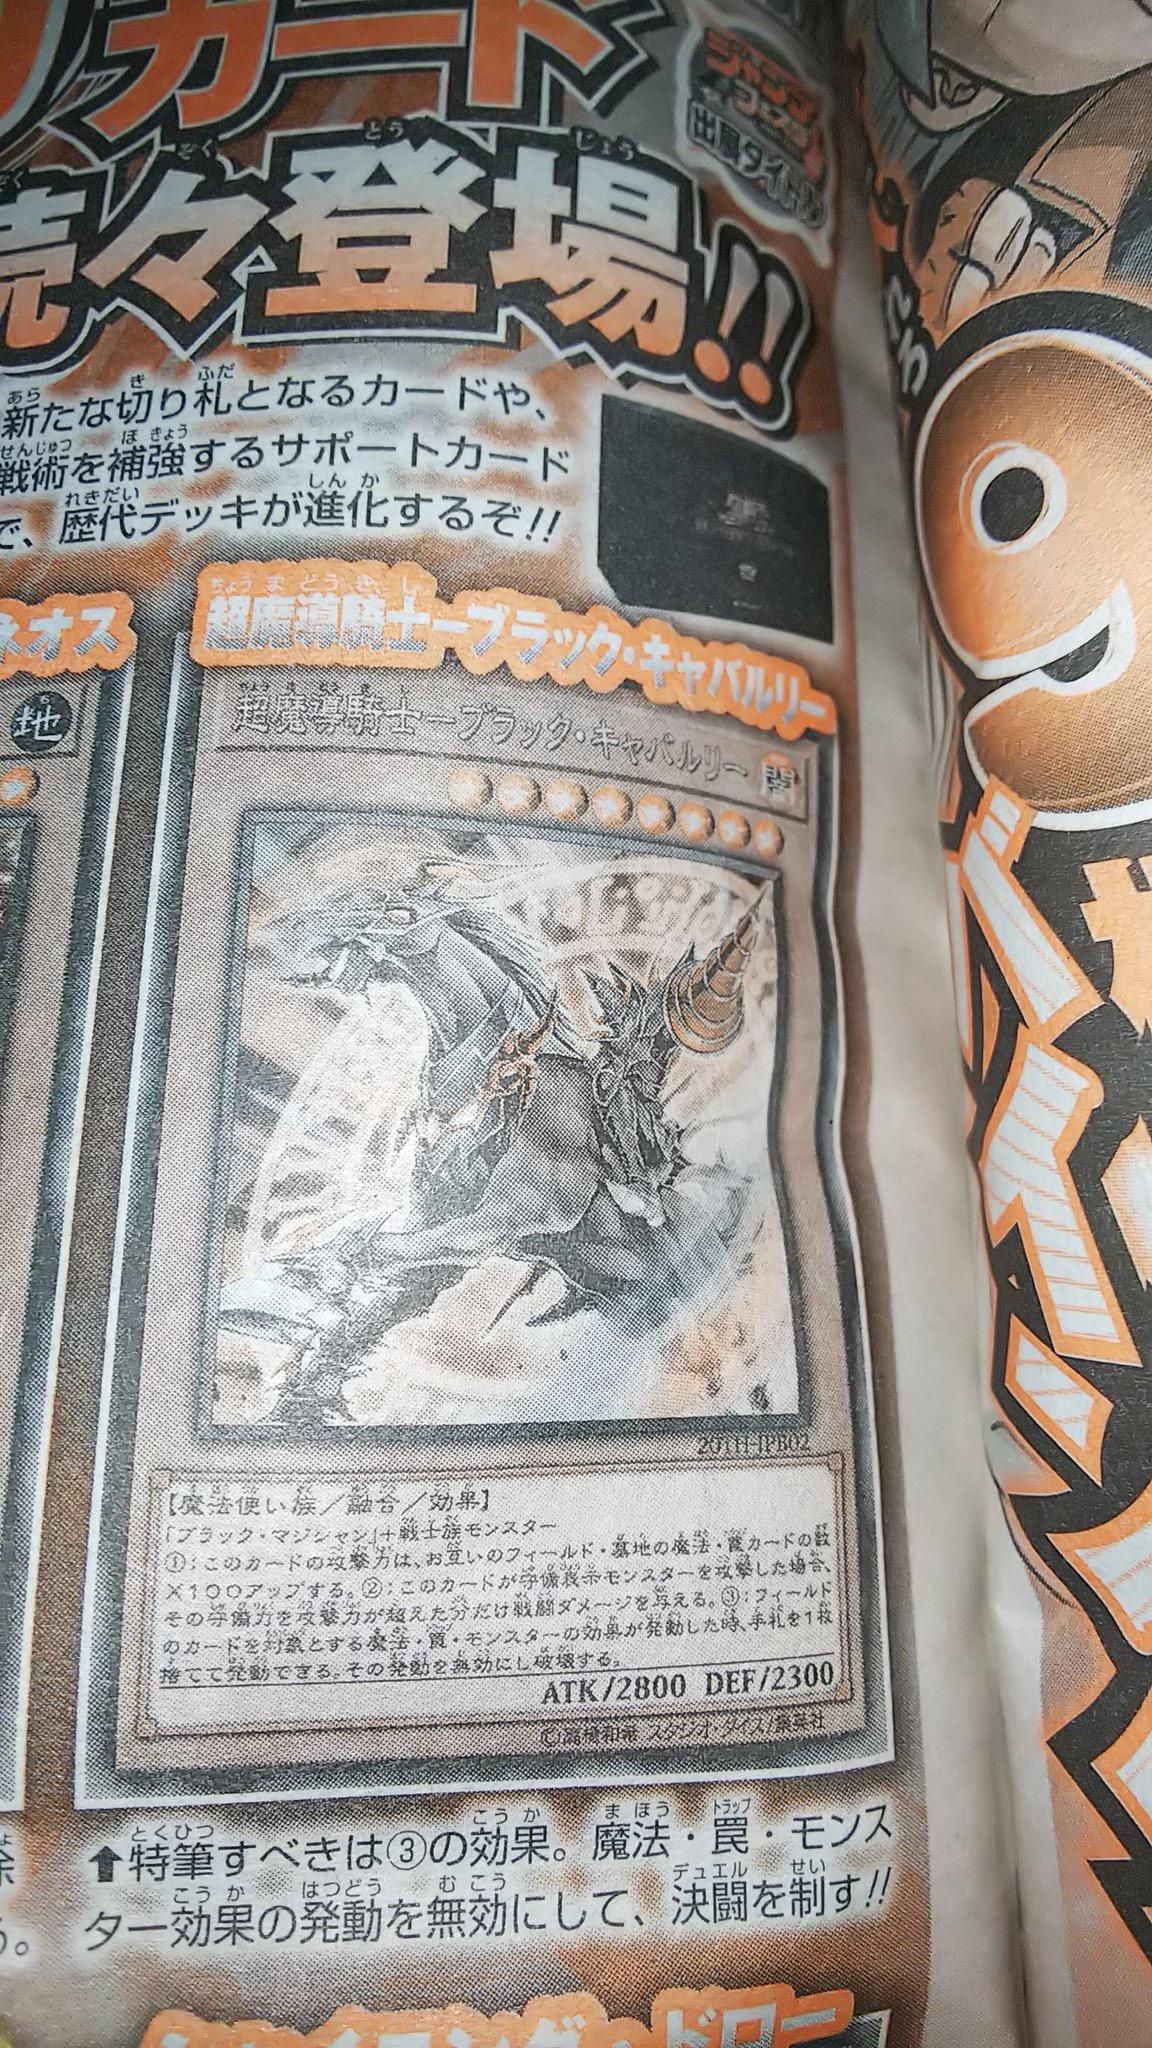 Νέες Κυκλοφορίες στο Yu-Gi-Oh! OCG - Σελίδα 37 760FAE89-A1B5-4CD7-8BE6-AF6CEC820587